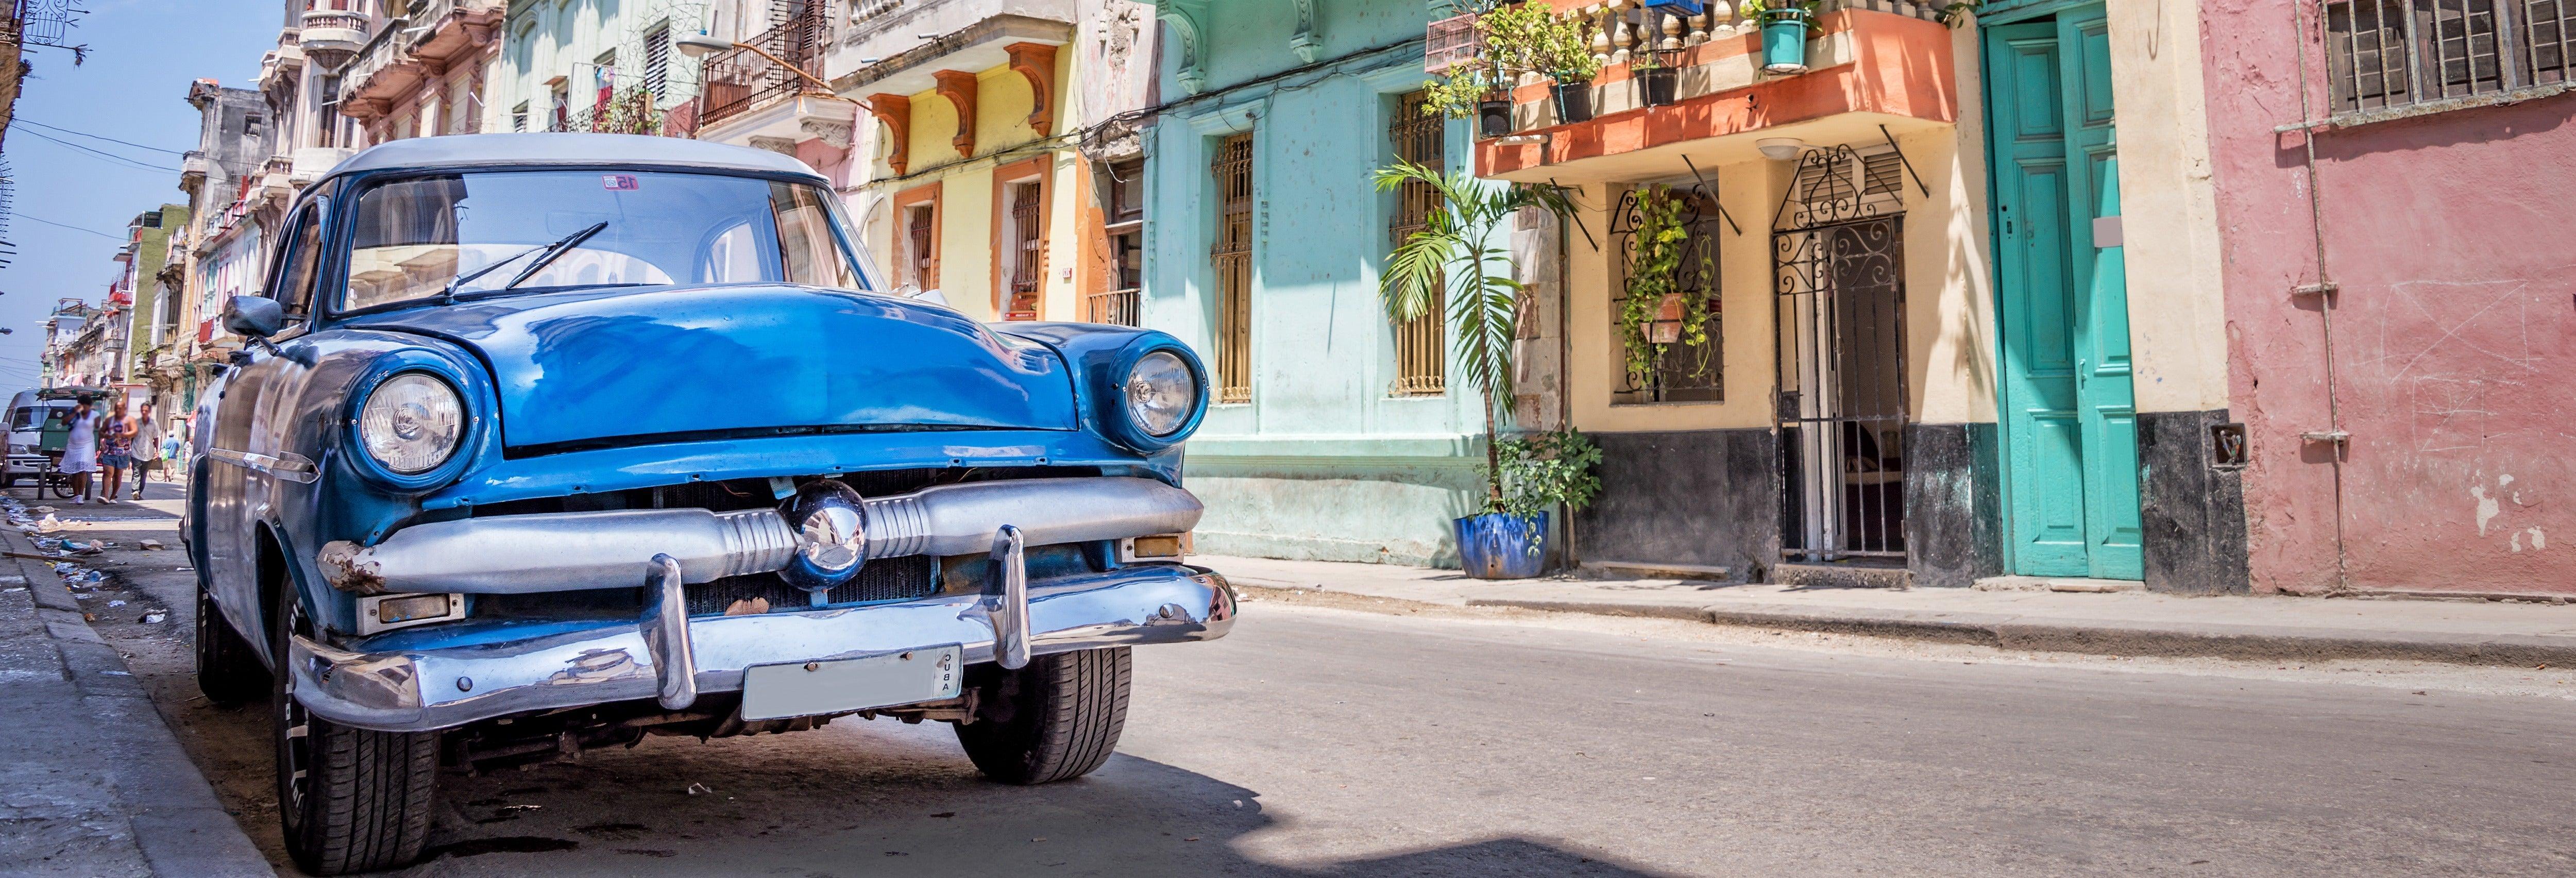 Paseo privado en coche clásico por La Habana